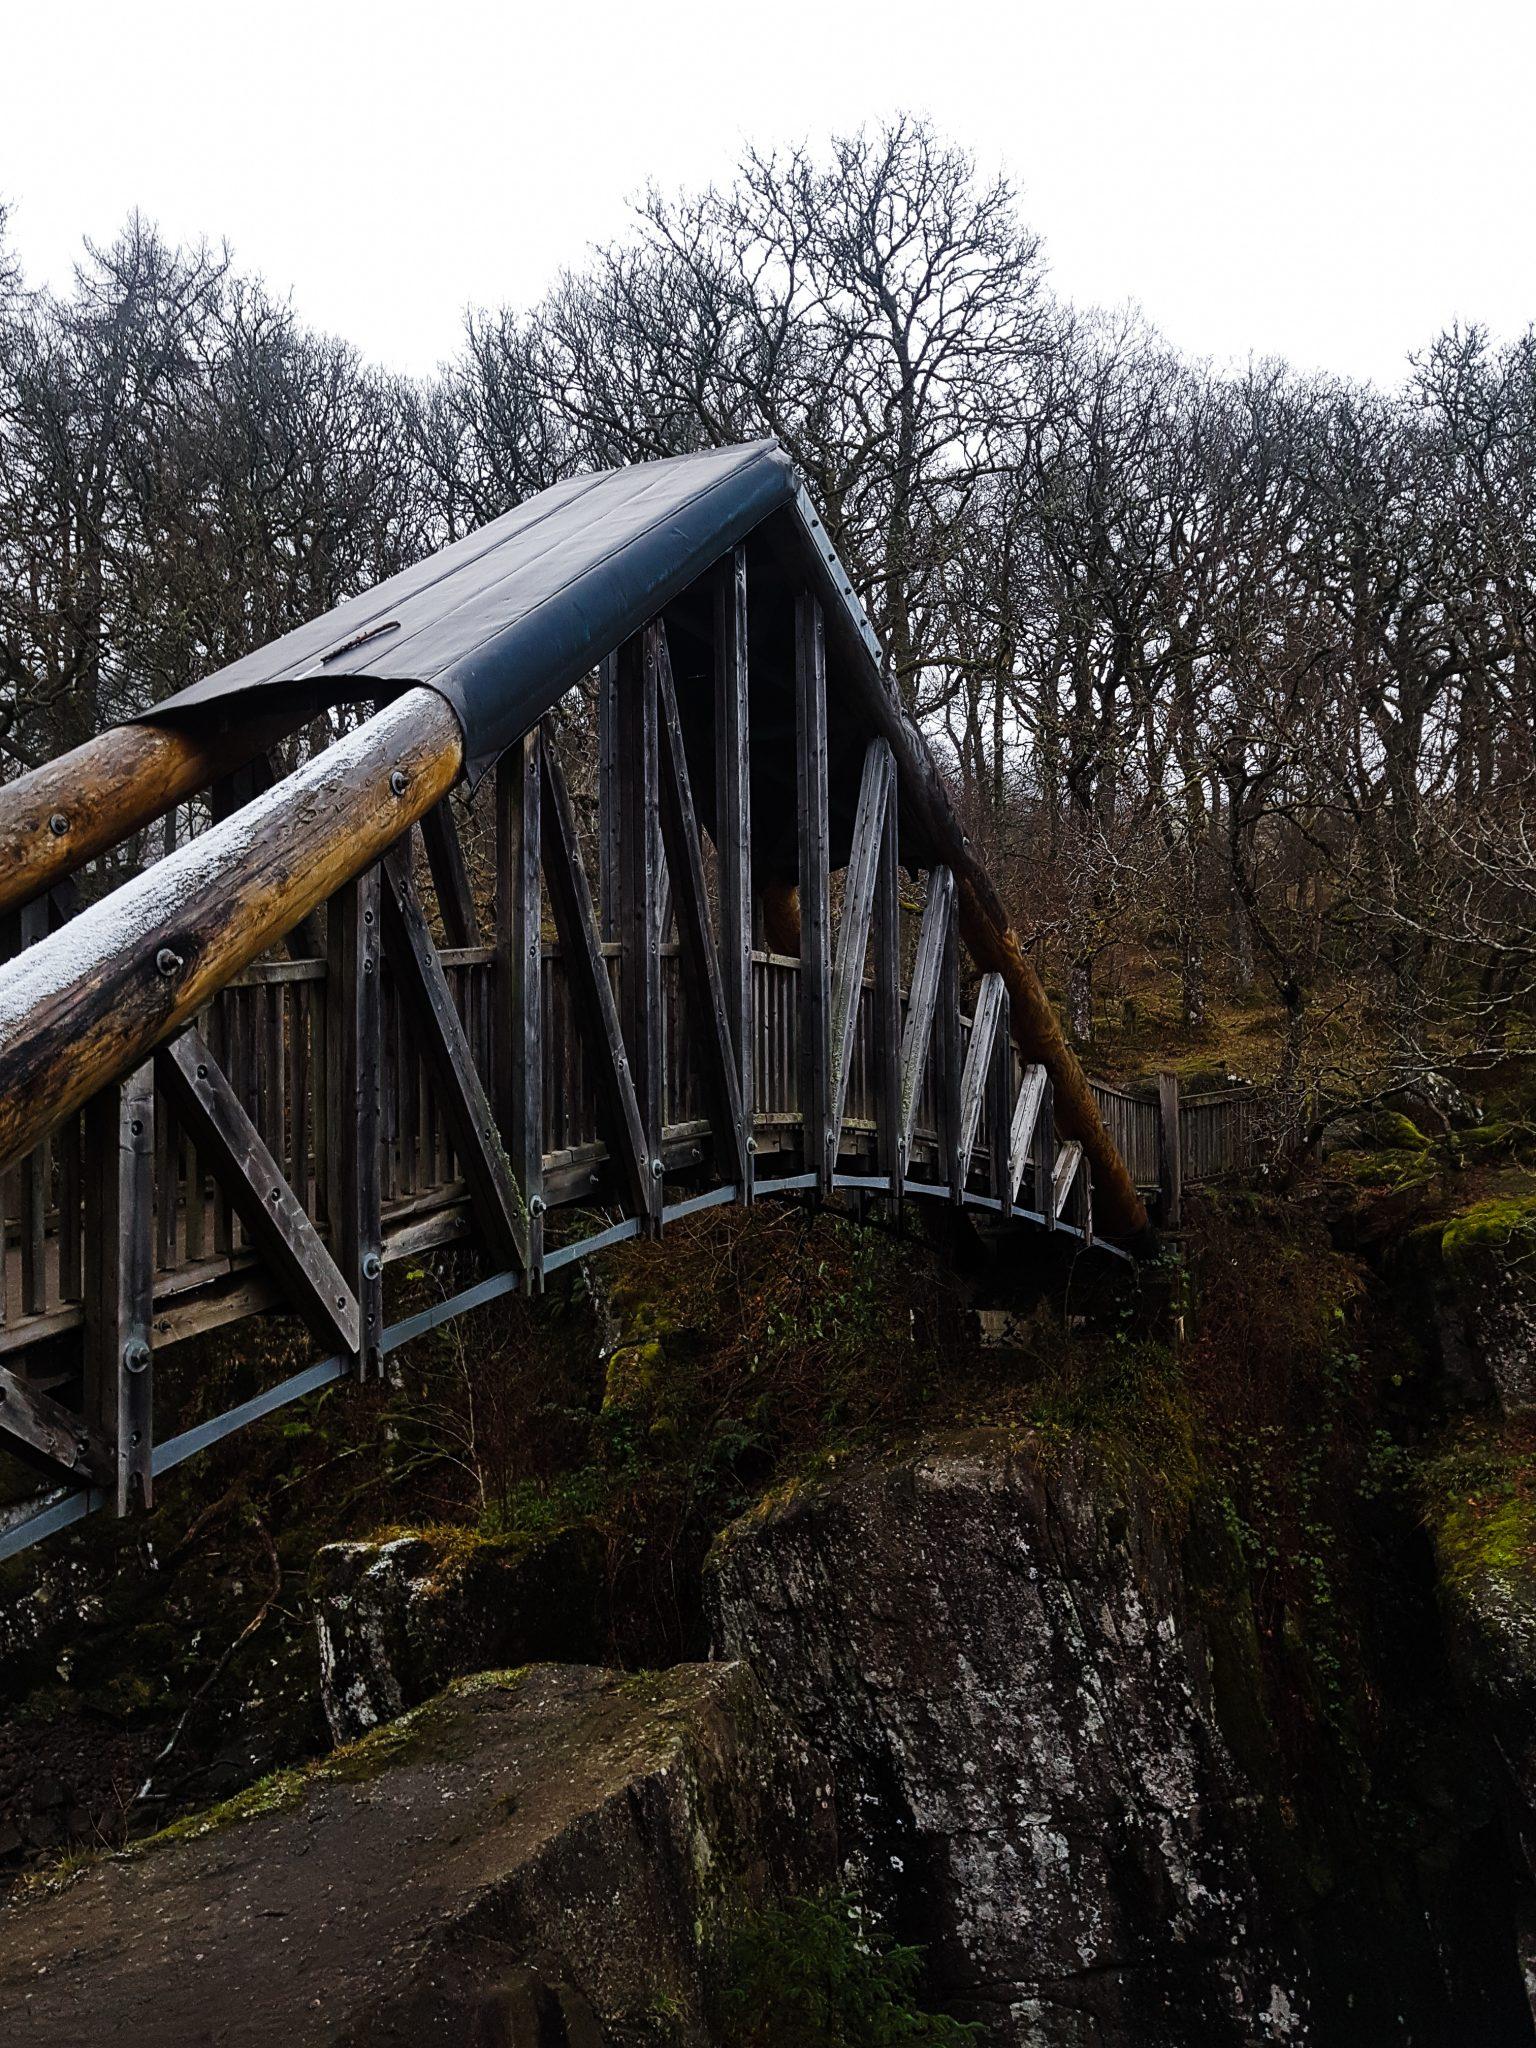 Bracklinn Falls Bridge with a Moody Edit